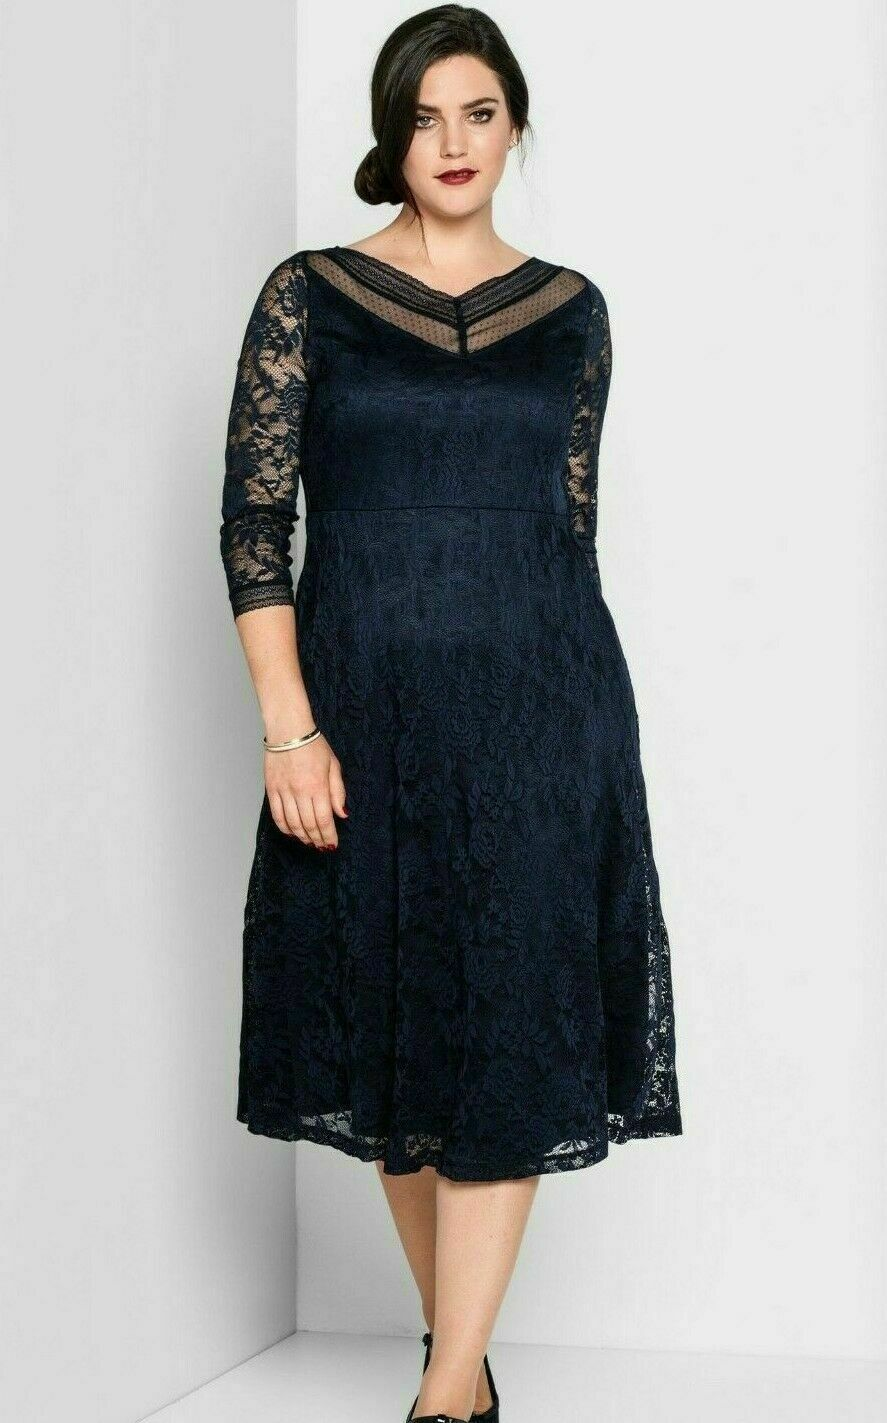 Sheego Abendkleid Gr.12+12+12+12 Knielang Spitzenkleid Kleid Blau